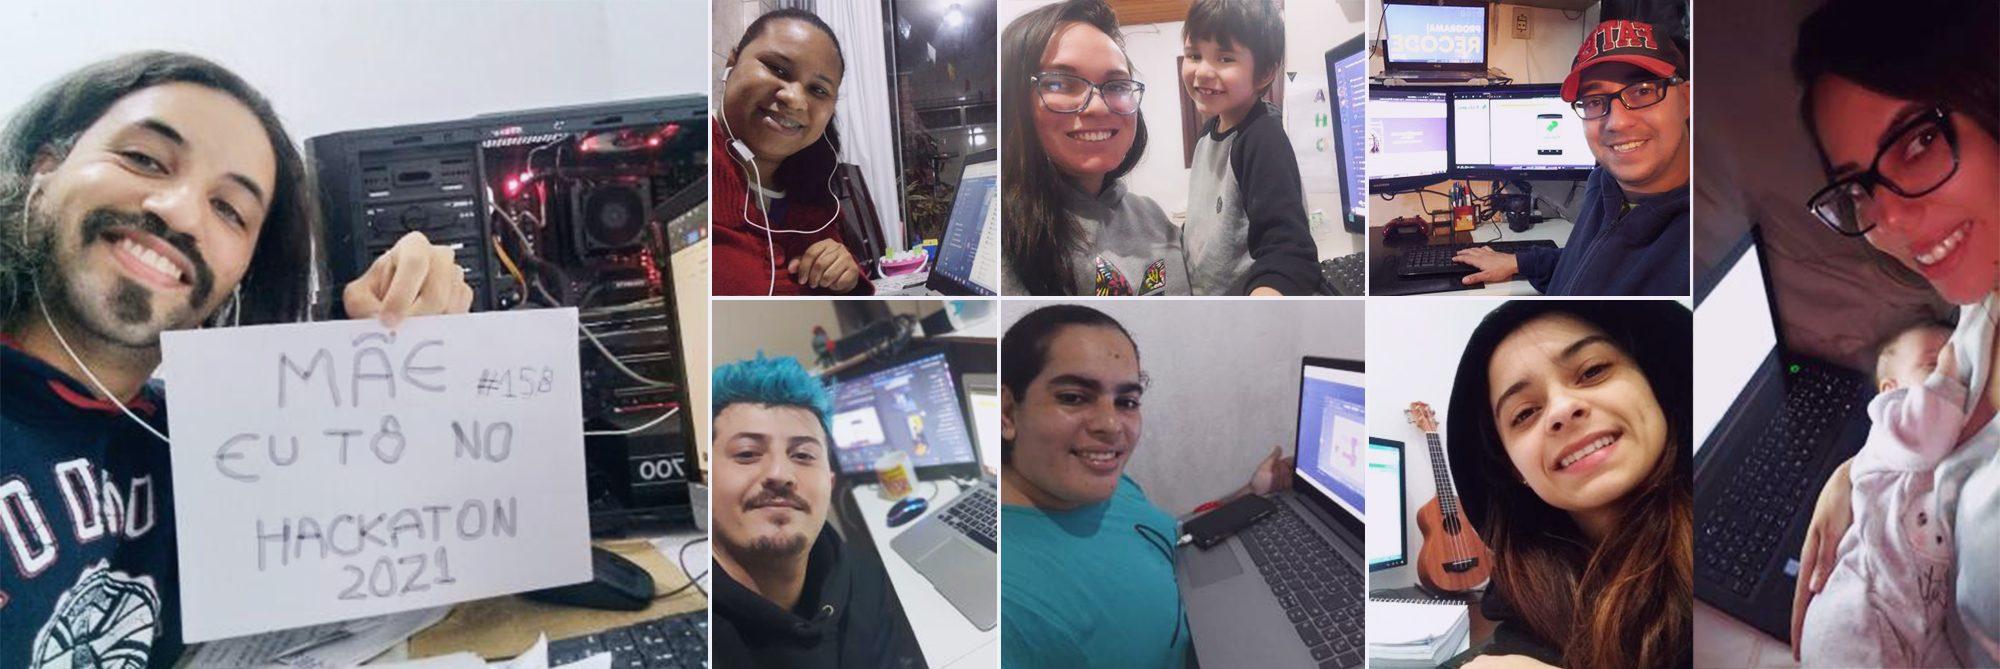 Mais de 1.300 pessoas participam do Hackathon Recode Pro 2021 em três dias de atividades